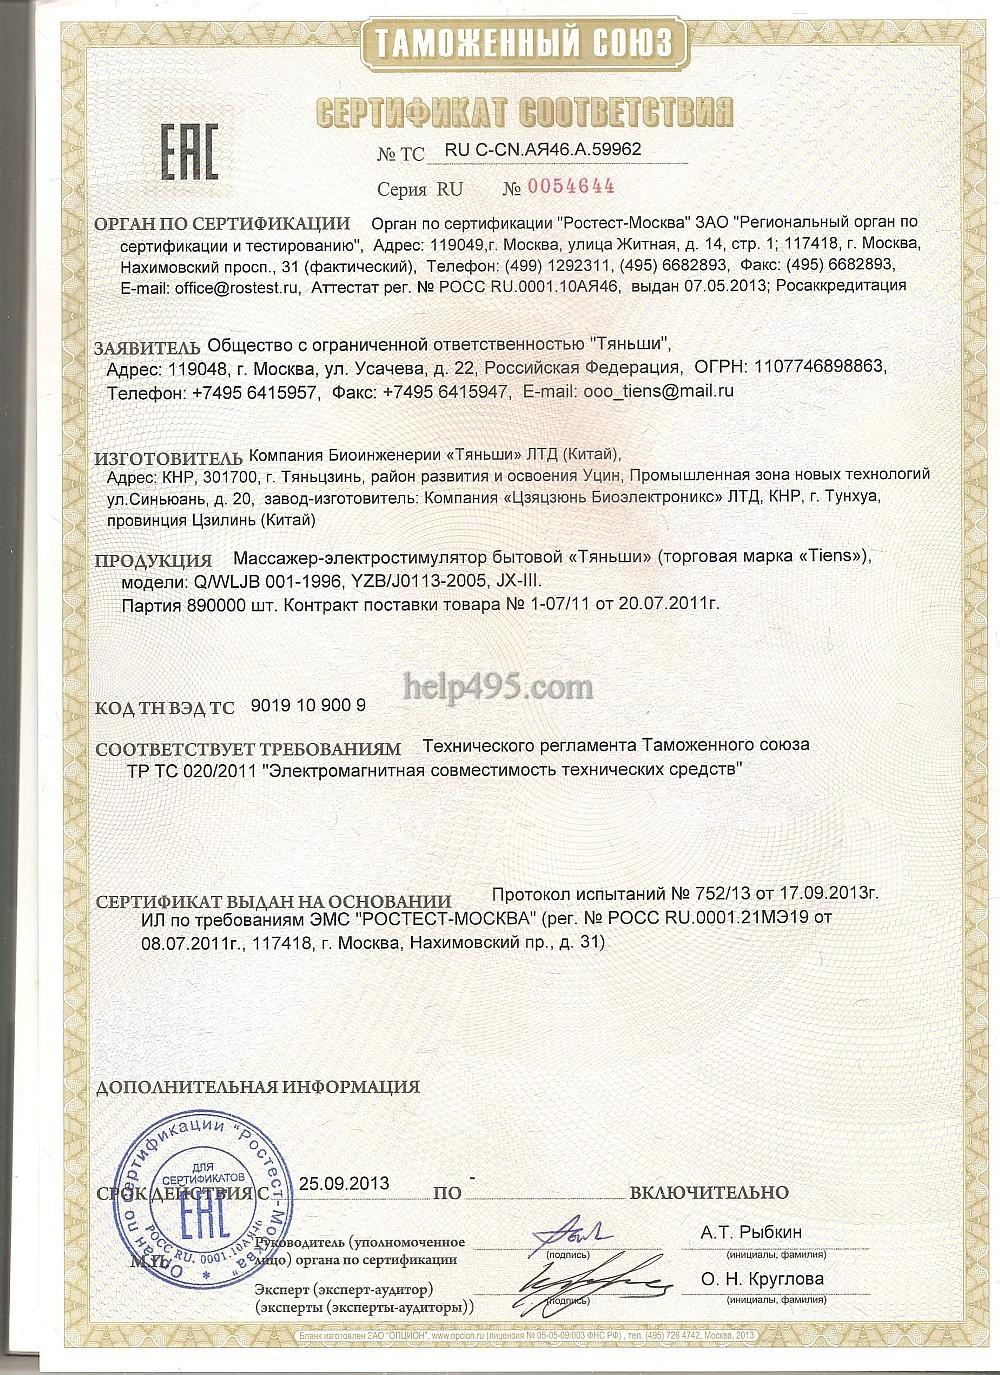 Как выглядит  сертификат расчёски Тяньши?